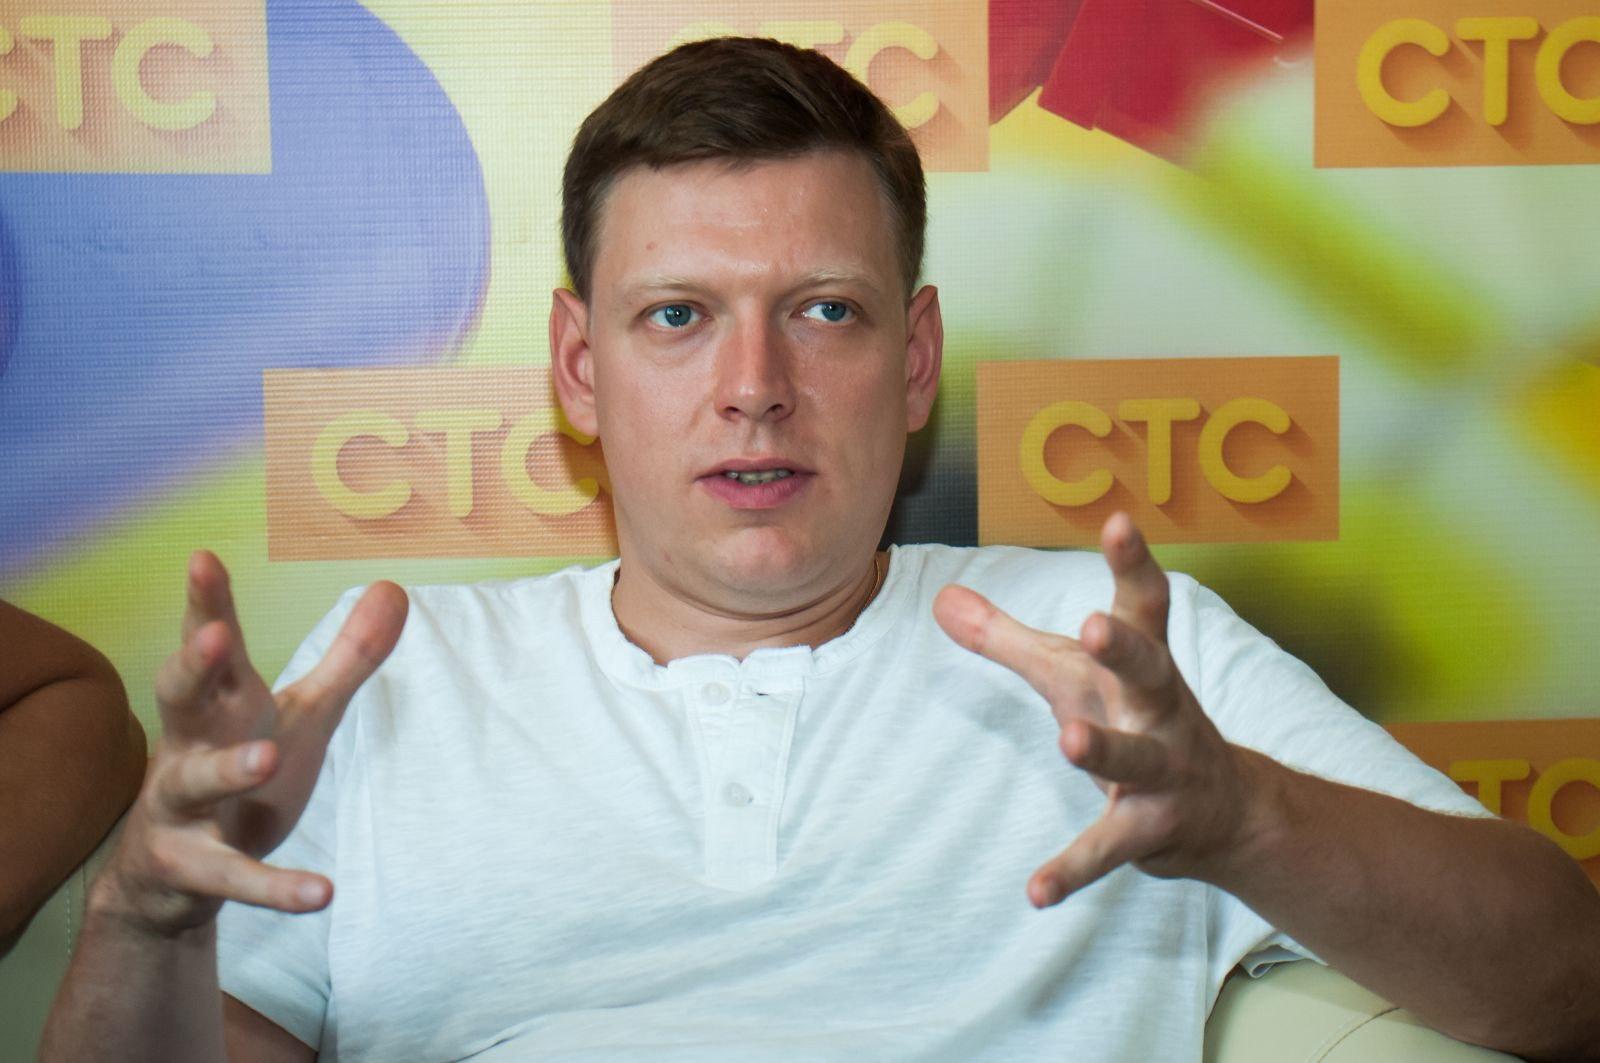 Сегодня свой день рождения отмечает Лавыгин Сергей Валерьевич.